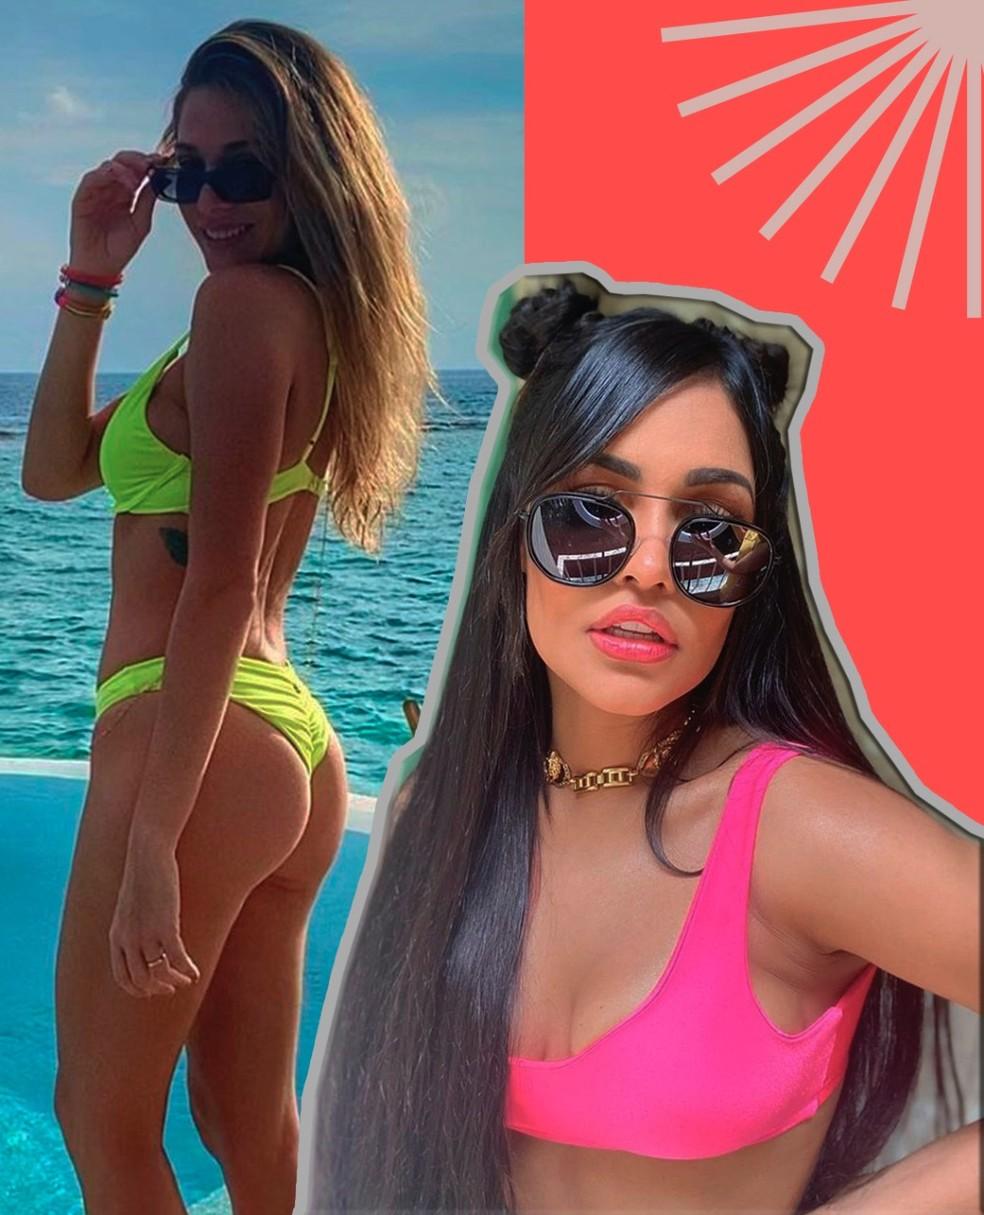 Biquíni e maiô neon são os hits do verão 2021 — Foto: @PraVcArrasar